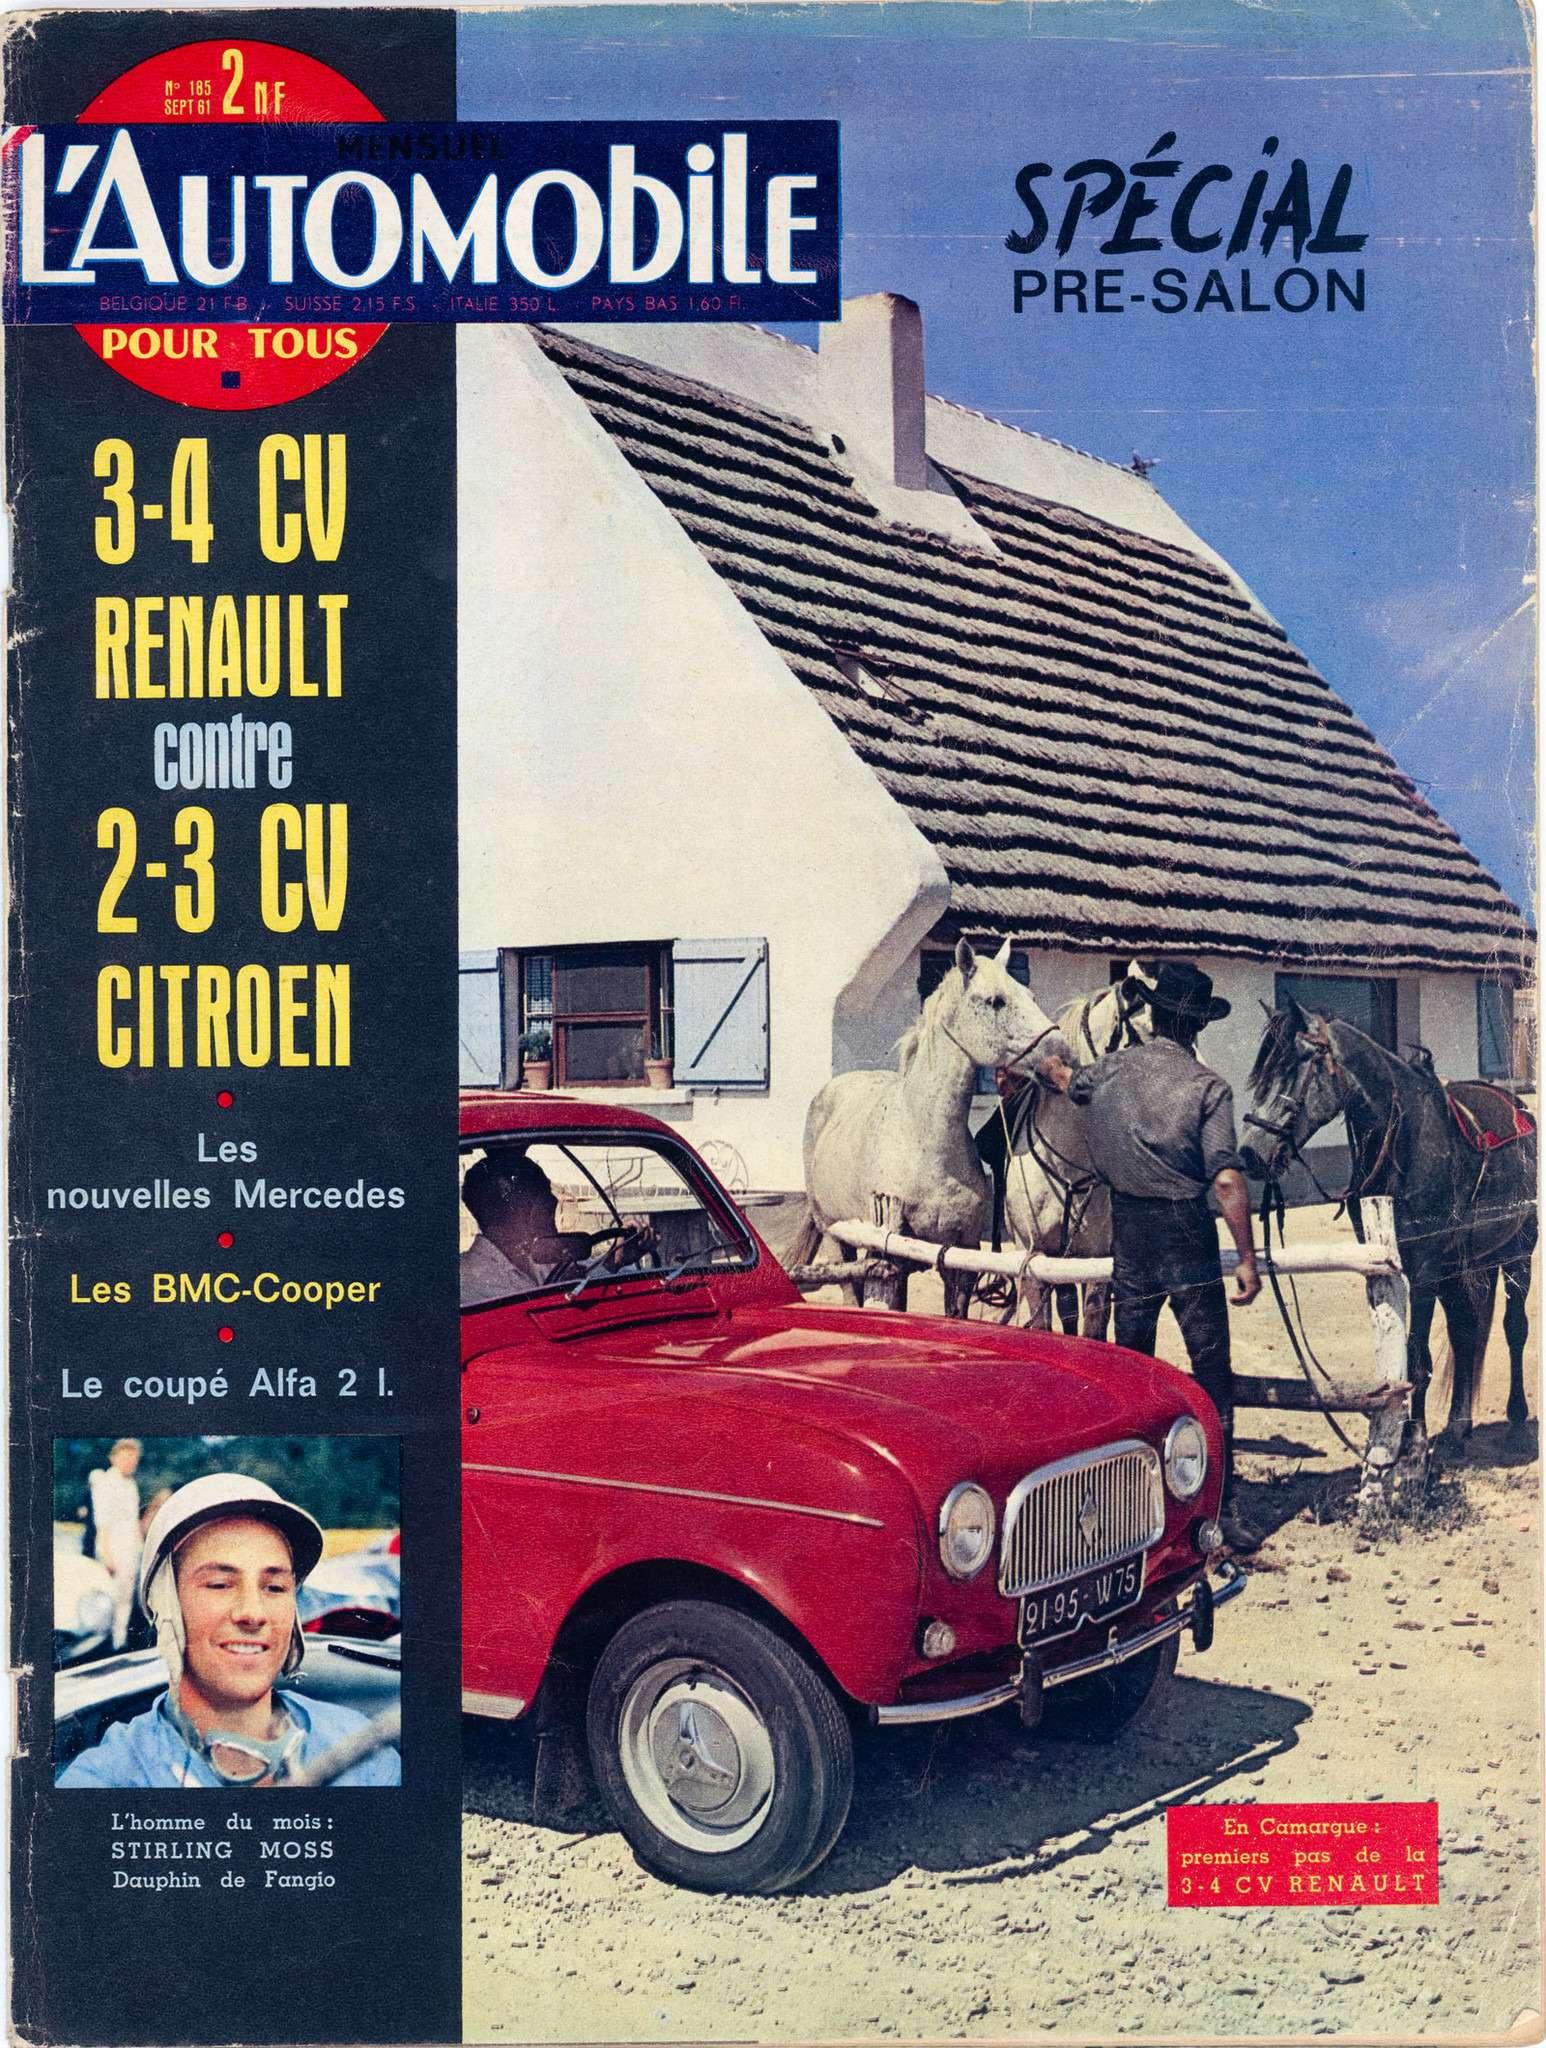 76-Renault-old_zr-01_16